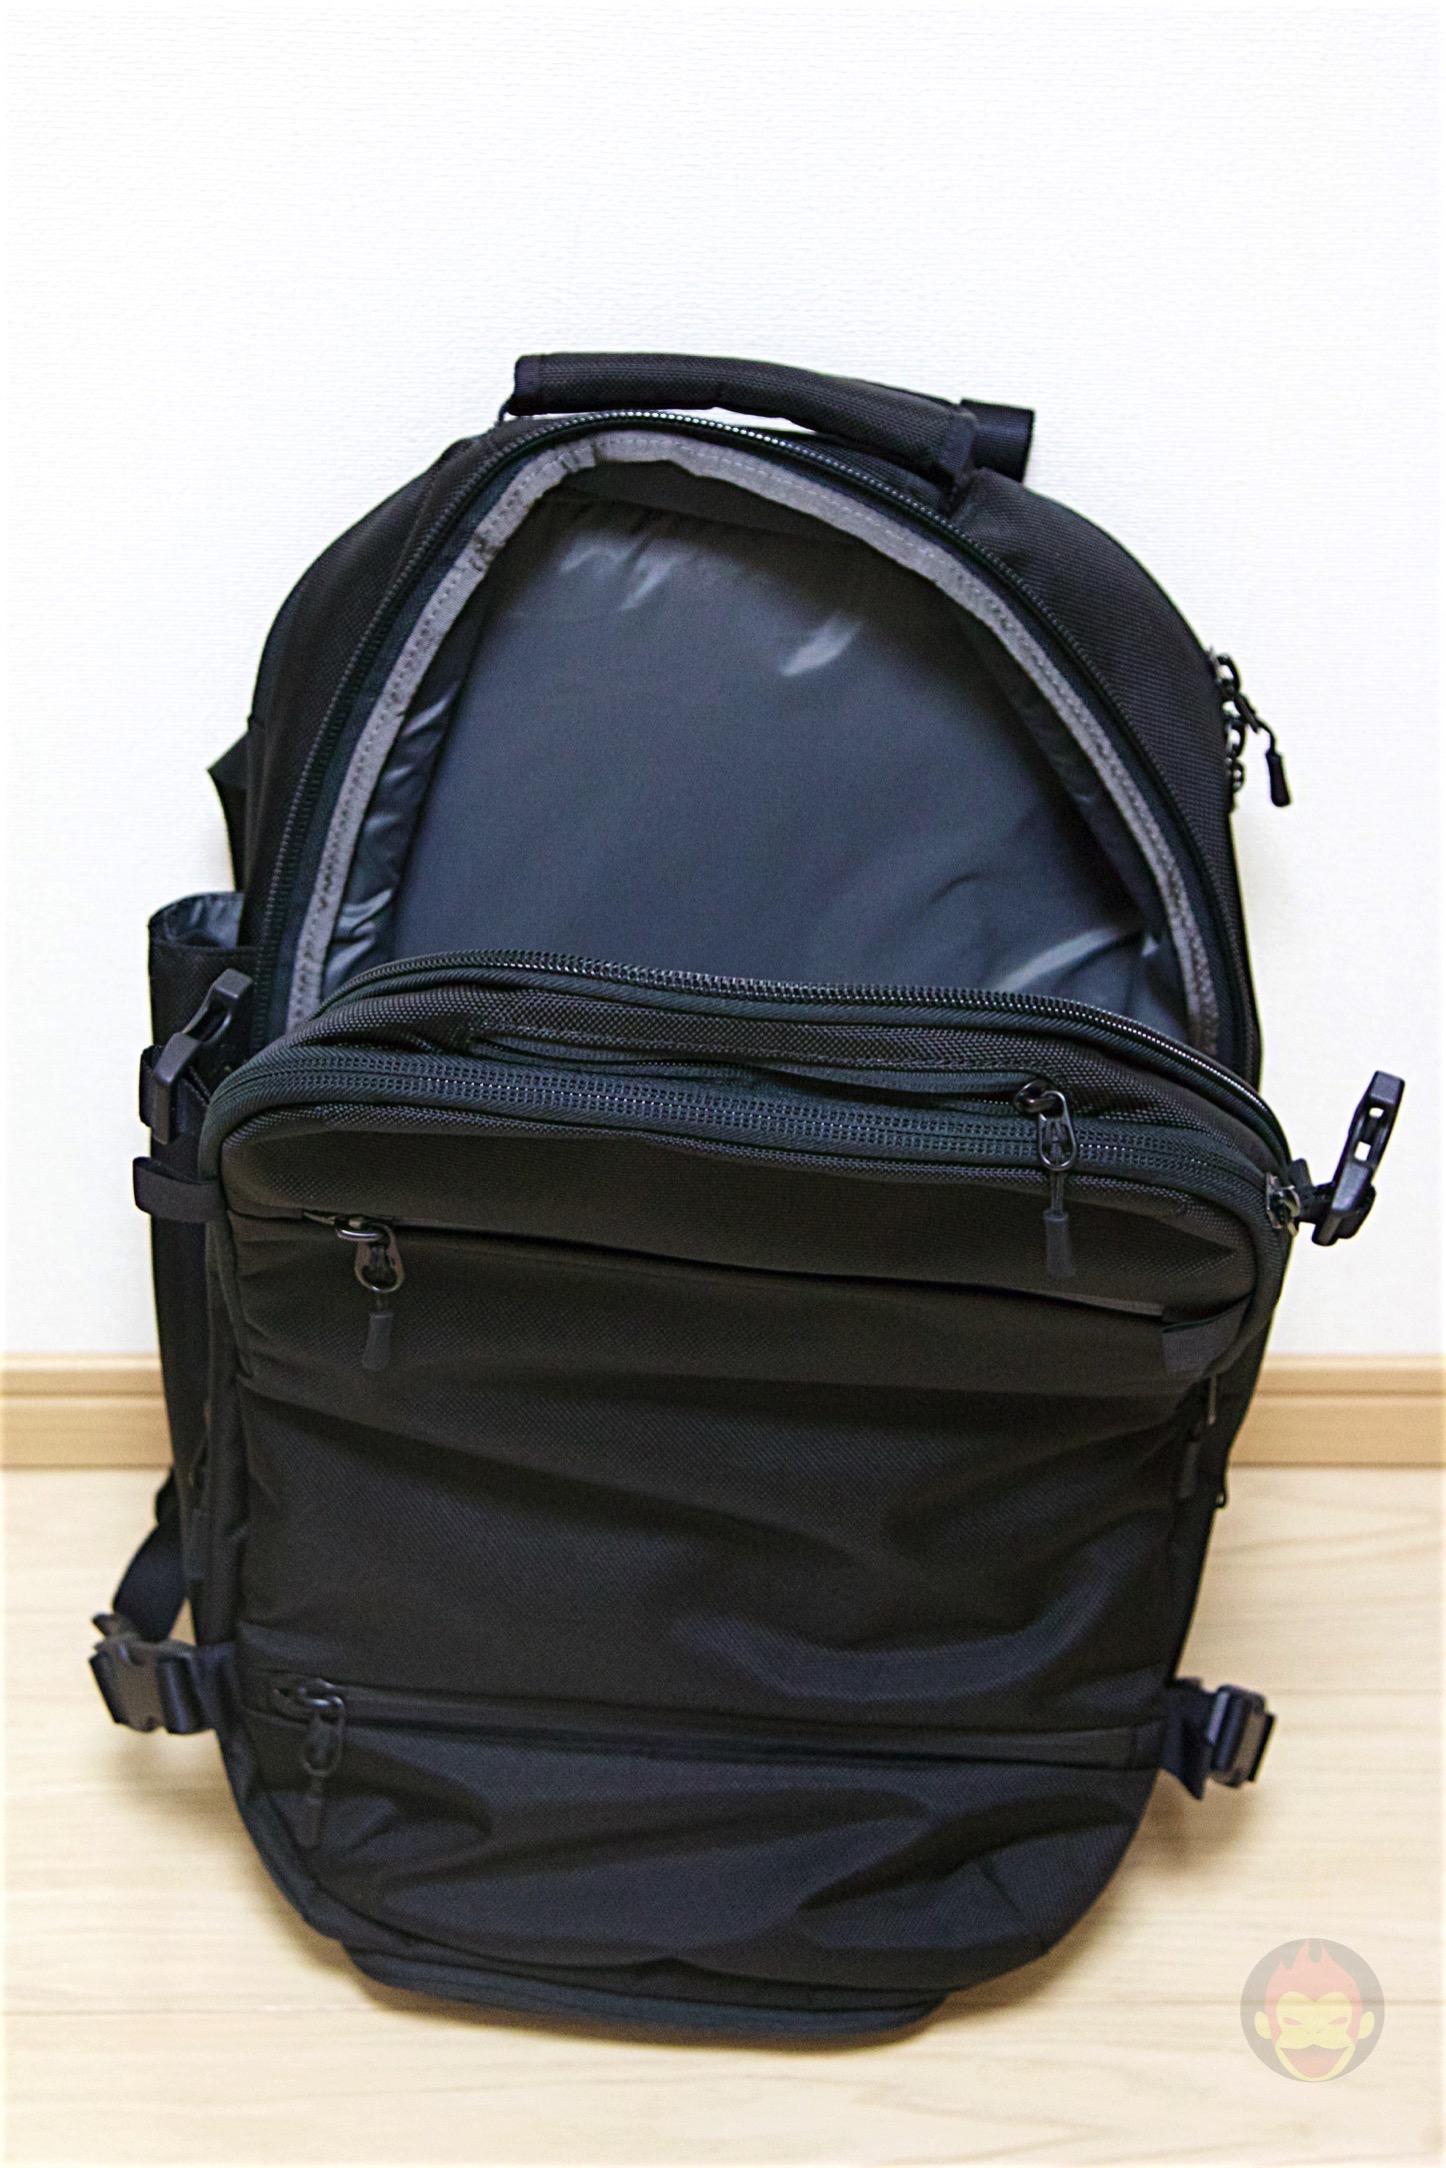 Aer-Travel-BackPack-on-Kickstarter-23.jpg